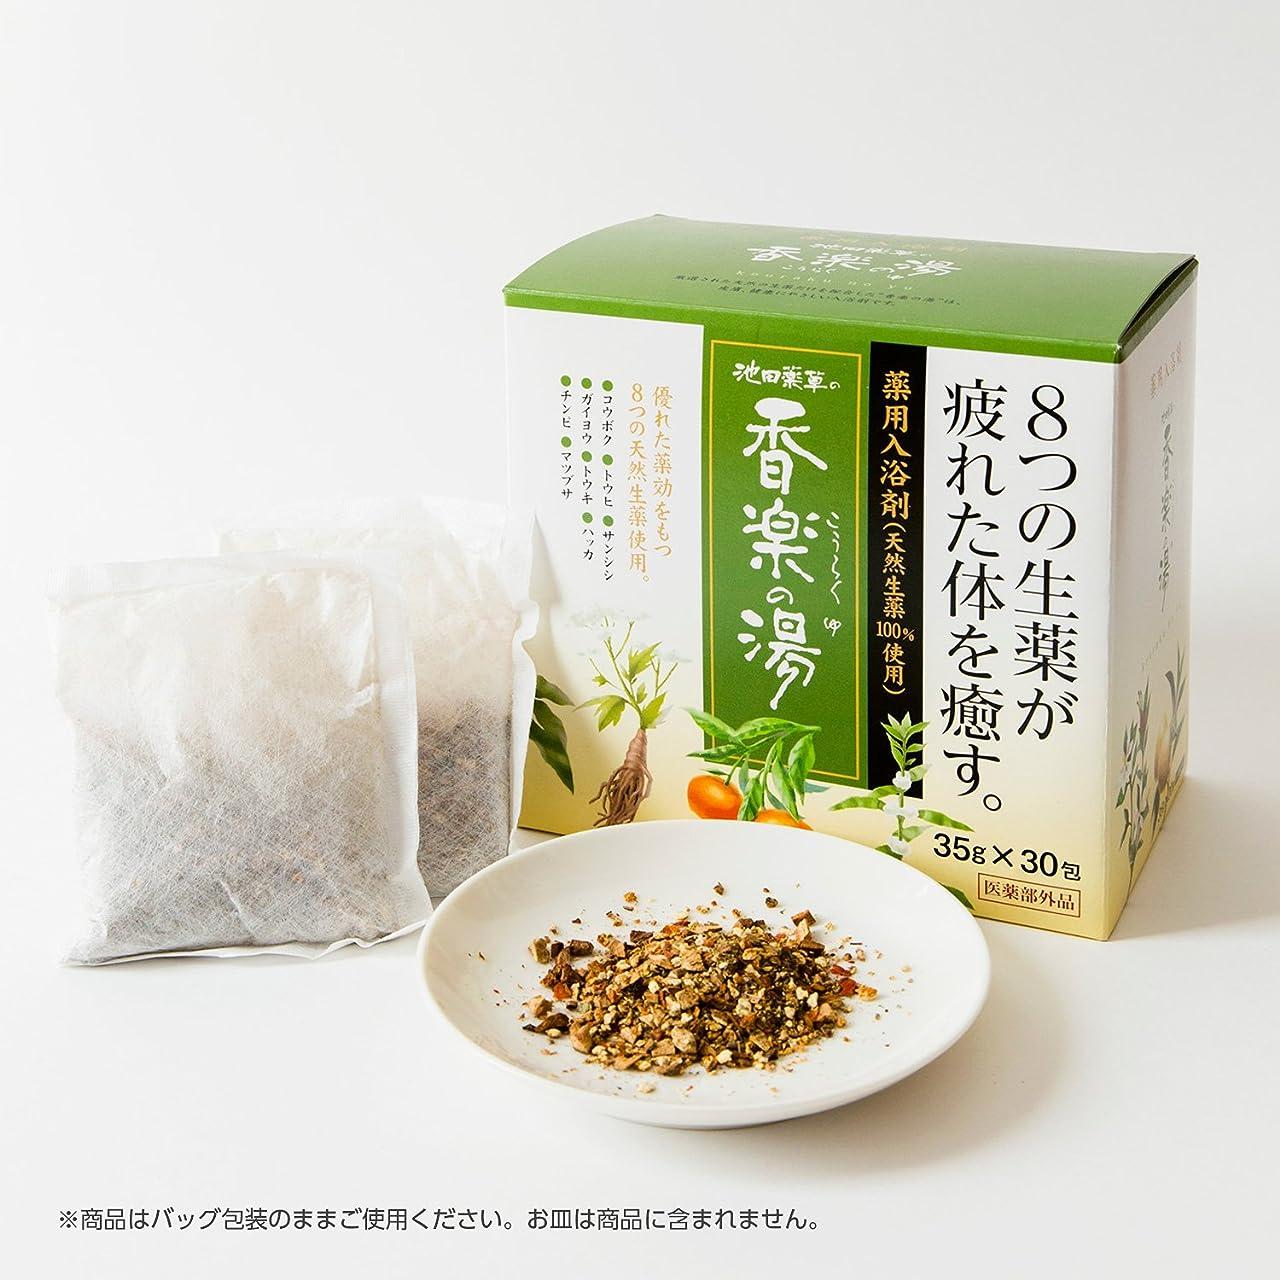 攻撃的空気過激派池田薬草の香楽の湯